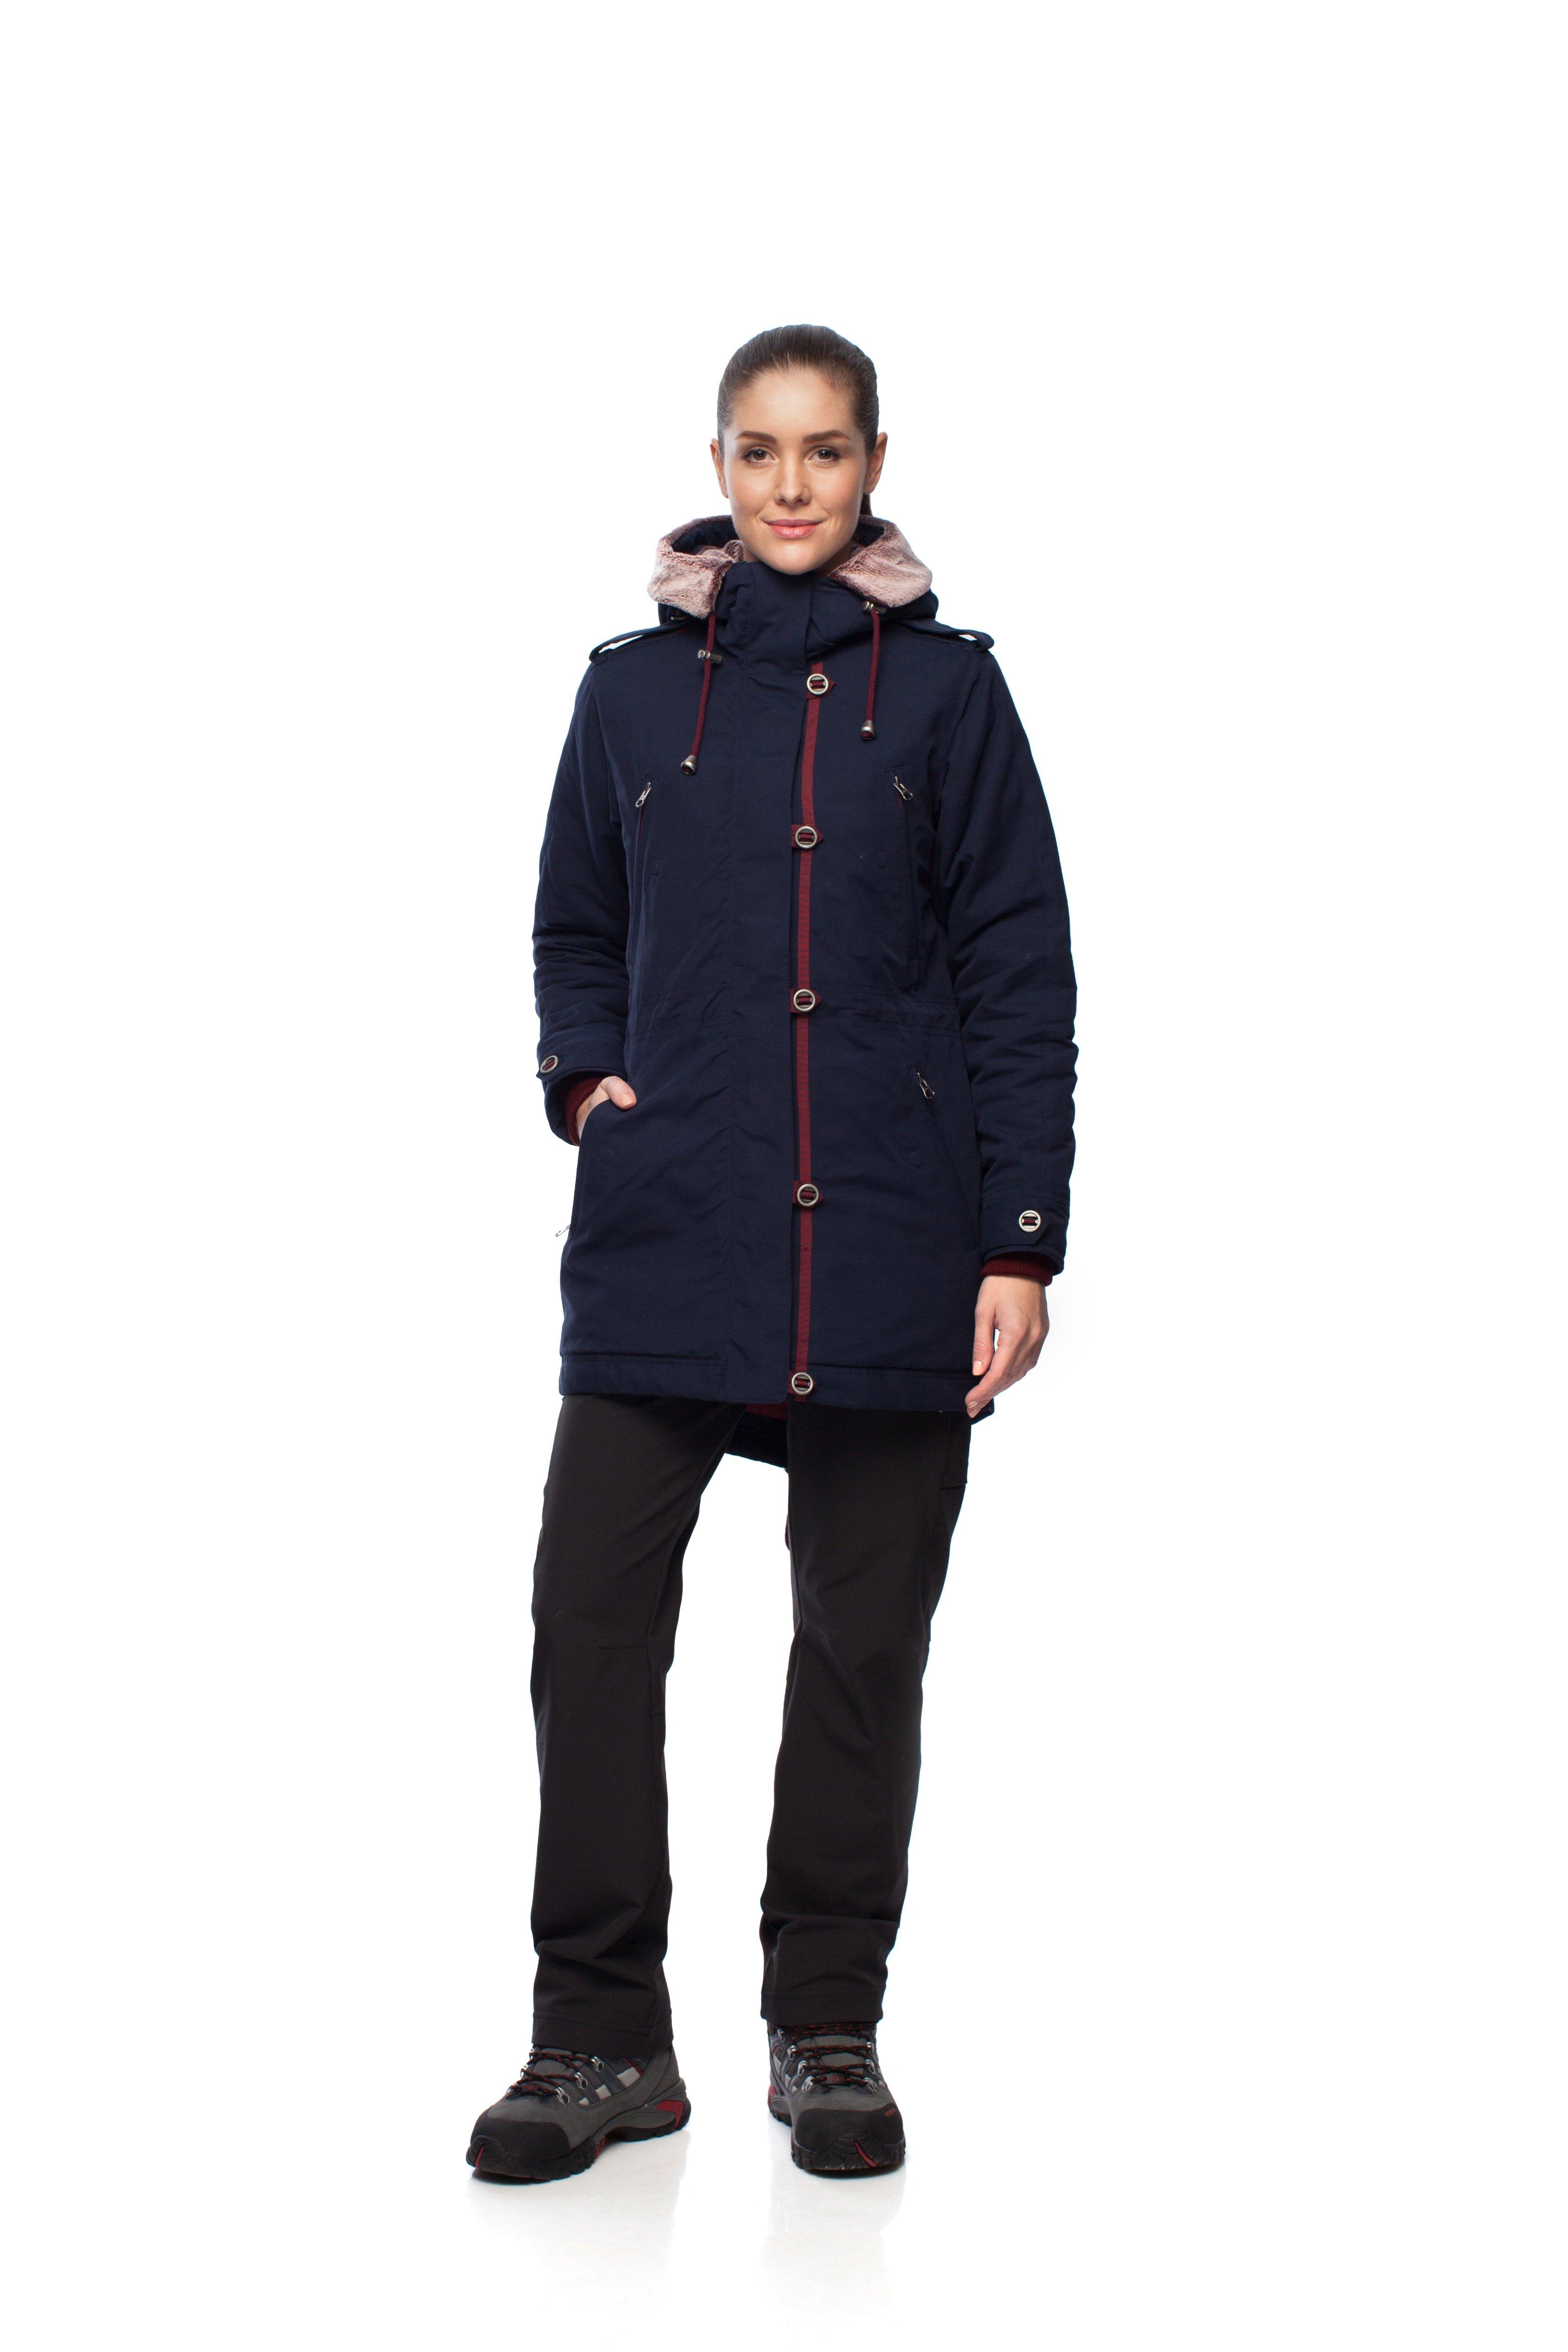 Куртка BASK SHL MEDEA 4558Удлиненная женская куртка на синтетическом утеплителе премиум класса Shelter&amp;reg;Sport из коллекции BASK City.<br><br>Верхняя ткань: Nylon 50%, Cotton 50%, Teflon WR<br>Вес граммы: 1625<br>Ветро-влагозащитные свойства верхней ткани: Да<br>Ветрозащитная планка: Да<br>Ветрозащитная юбка: Нет<br>Влагозащитные молнии: Нет<br>Внутренние манжеты: Да<br>Внутренняя ткань: Advance® Classic<br>Дублирующий центральную молнию клапан: Да<br>Защитный козырёк капюшона: Нет<br>Капюшон: Несъемный<br>Карман для средств связи: Нет<br>Количество внешних карманов: 4<br>Количество внутренних карманов: 4<br>Коллекция: BASK City<br>Мембрана: Нет<br>Объемный крой локтевой зоны: Нет<br>Отстёгивающиеся рукава: Нет<br>Пол: Женский<br>Проклейка швов: Нет<br>Регулировка манжетов рукавов: Нет<br>Регулировка низа: Да<br>Регулировка объёма капюшона: Да<br>Регулировка талии: Да<br>Регулируемые вентиляционные отверстия: Нет<br>Световозвращающая лента: Нет<br>Температурный режим: -10<br>Технология Thermal Welding: Нет<br>Технология швов: Простые<br>Тип молнии: Однозамковая<br>Тип утеплителя: Синтетический<br>Ткань усиления: Нет<br>Усиление контактных зон: Нет<br>Утеплитель: Shelter®Sport<br>Размер RU: 44<br>Цвет: СЕРЫЙ